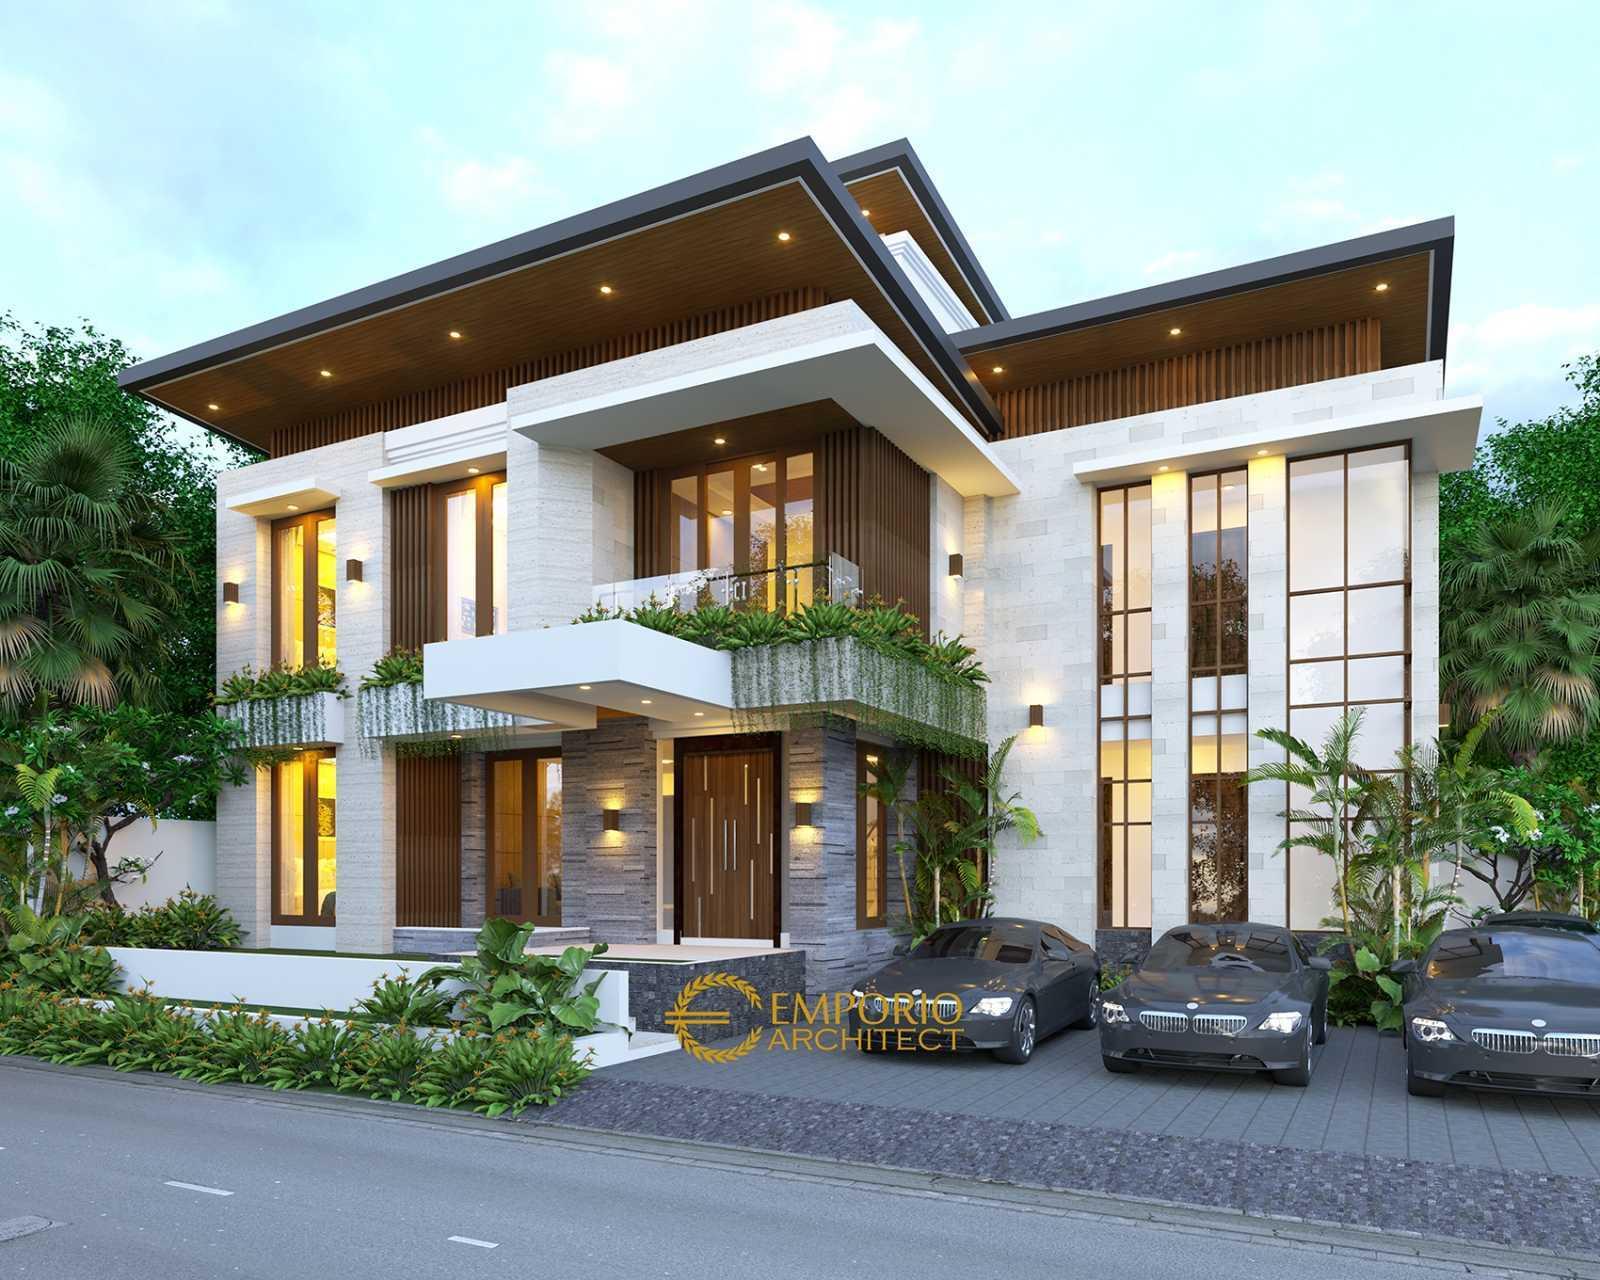 Emporio Architect Desain Kost Modern Tropis 537 @ Palembang Palembang, Kota Palembang, Sumatera Selatan, Indonesia Palembang, Kota Palembang, Sumatera Selatan, Indonesia Emporio-Architect-Desain-Kost-Modern-Tropis-537-Palembang Modern  78157